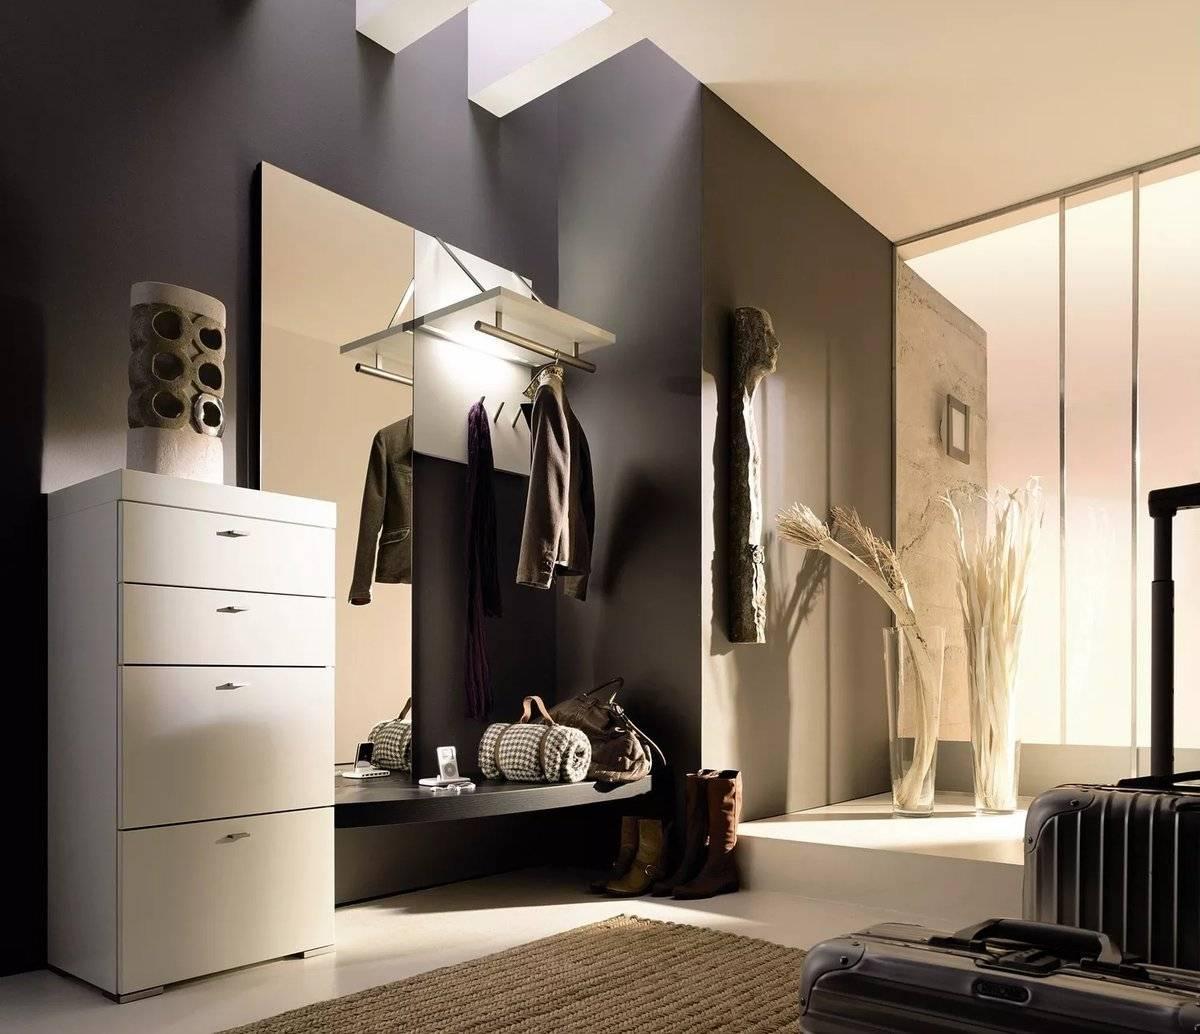 Светлая прихожая (85 фото): дизайн шкафа и входной двери в светлых тонах в коридоре, интерьер прихожей цвета слоновой кости и другие варианты